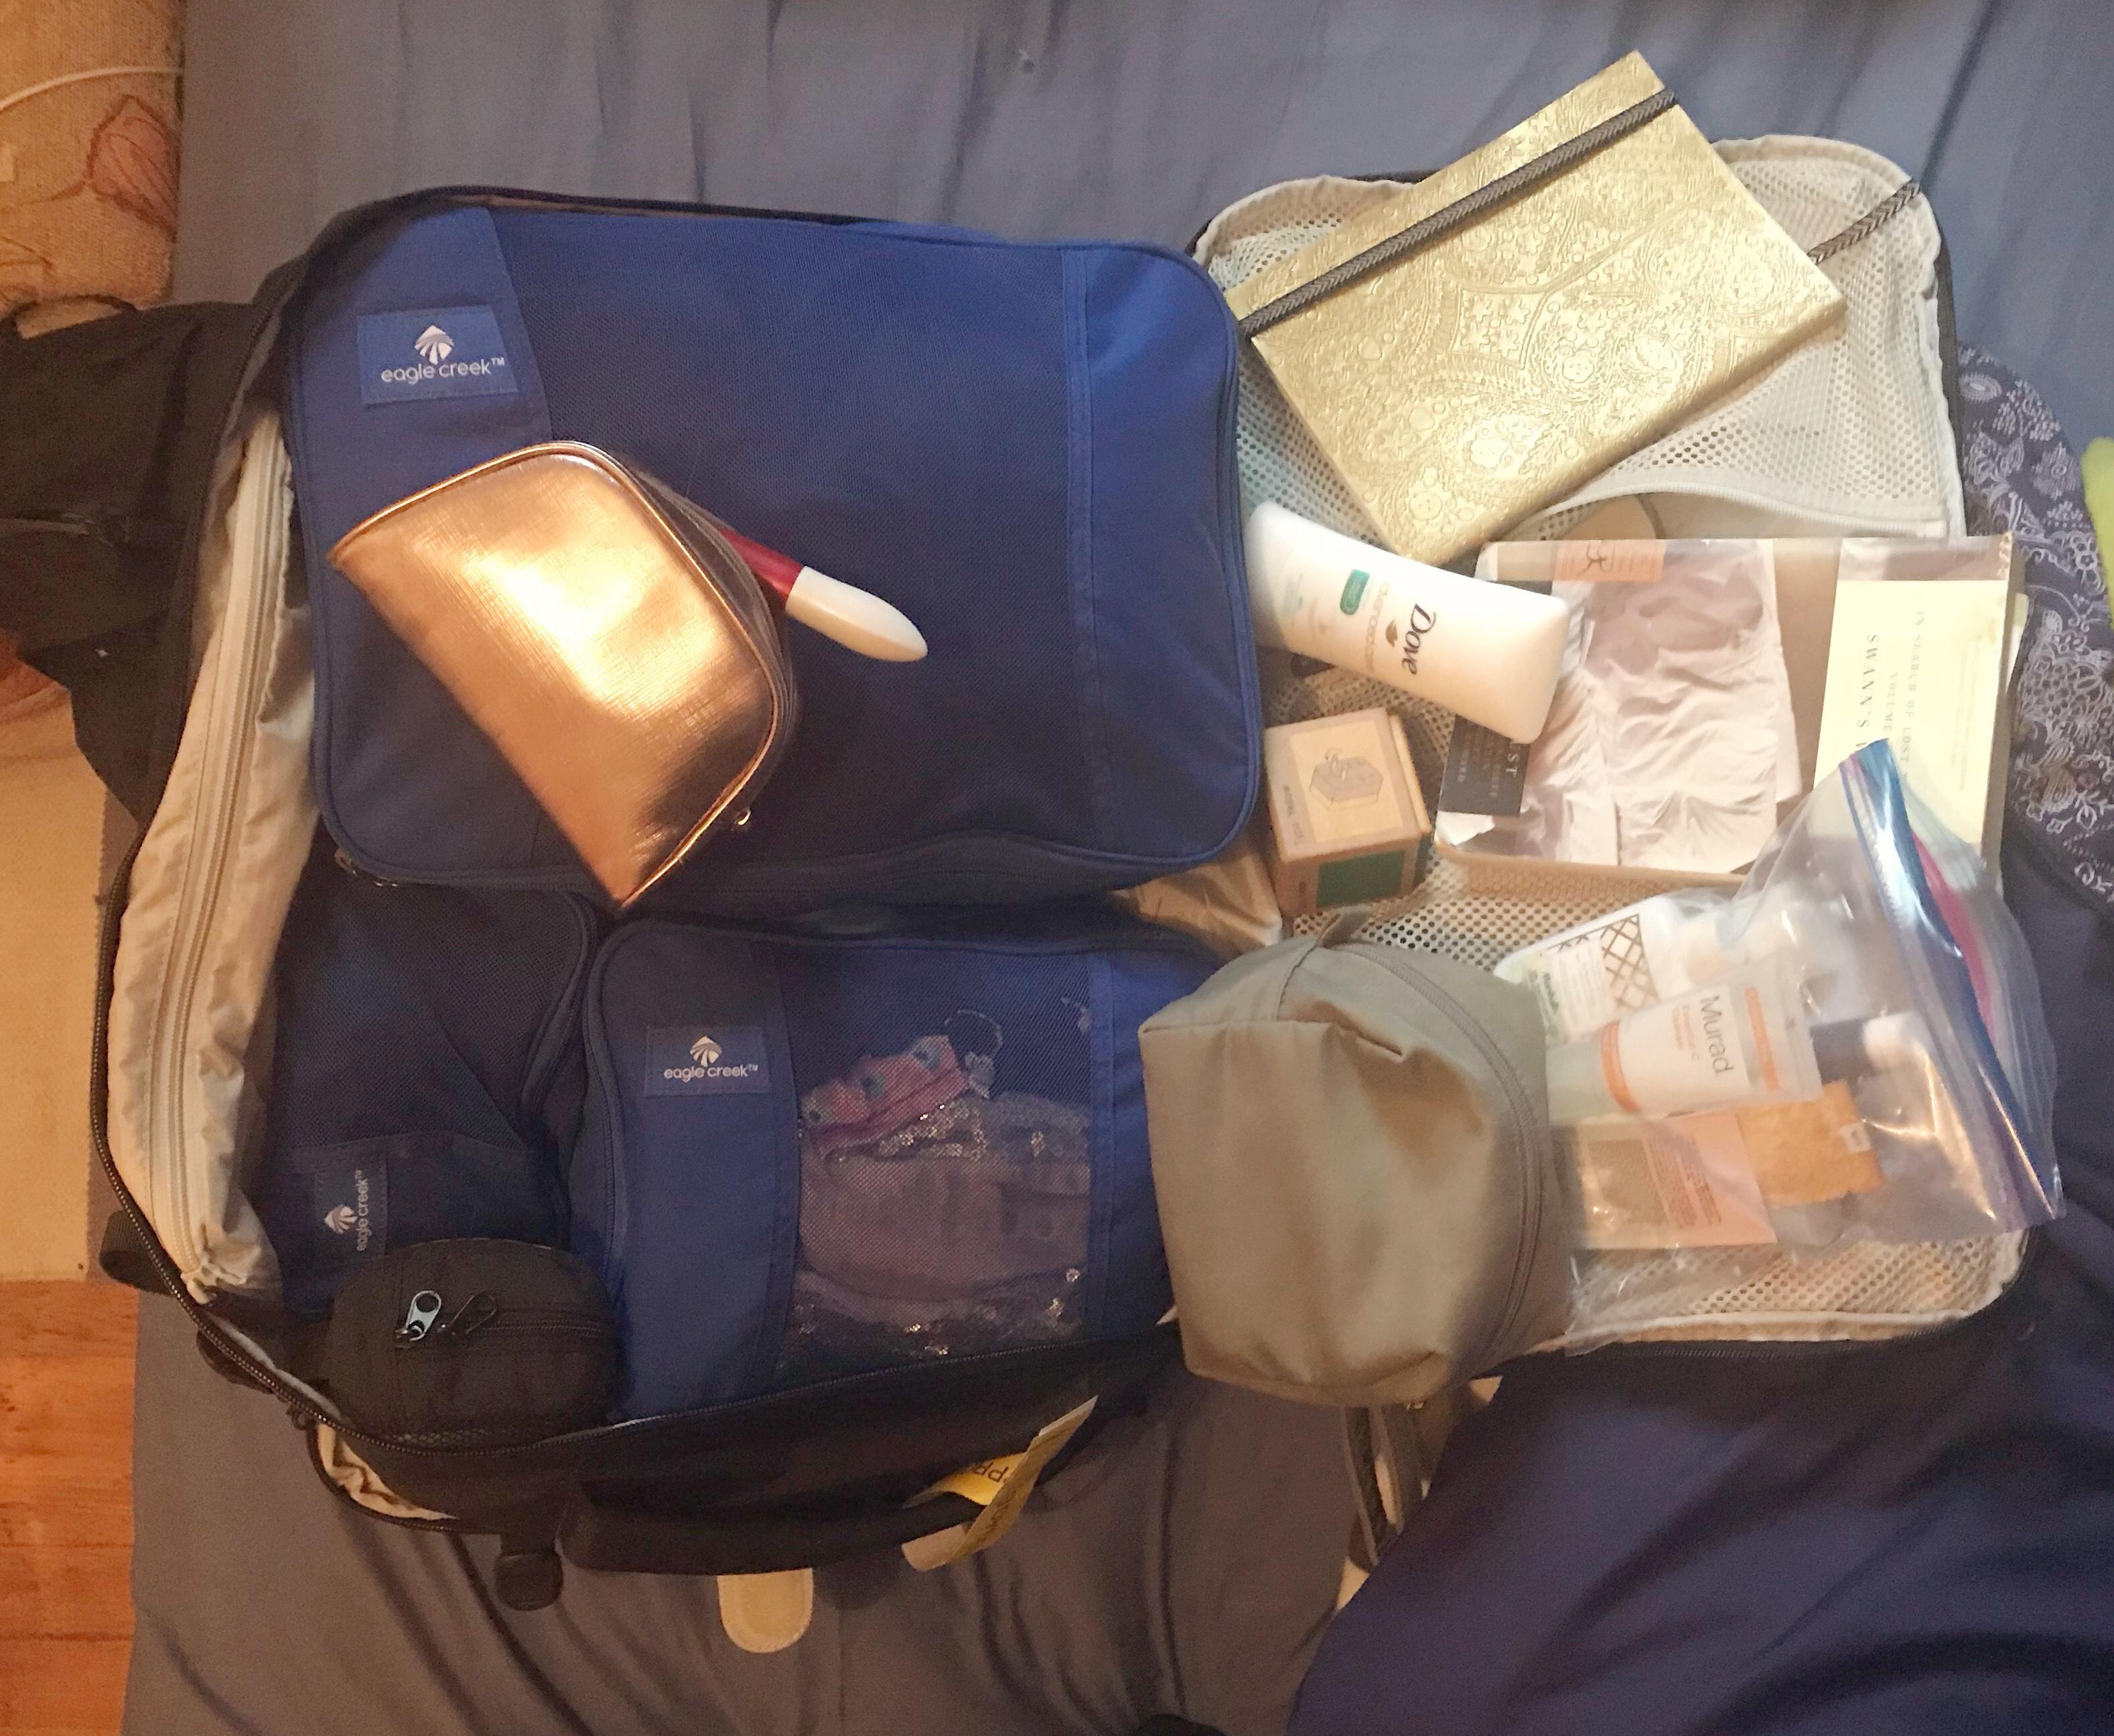 Travel packing list for women